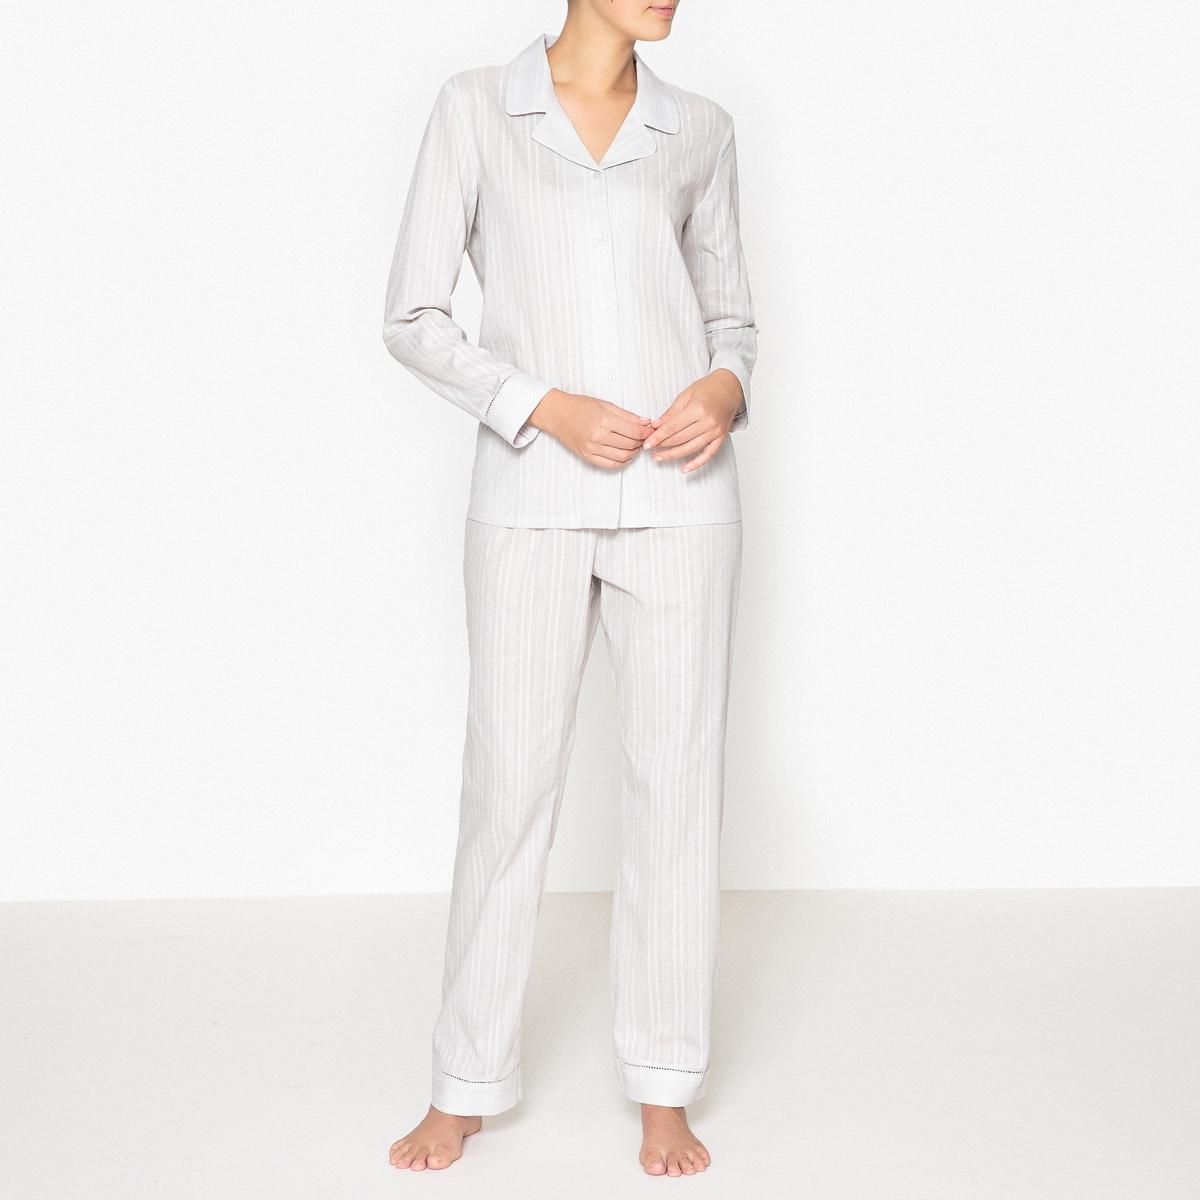 Пижама из 2 предметов в винтажном стилеОписание:Красивая пижама в полоску в винтажном стиле. Комфортная, стильная и очаровательная пижама.  Состав и описаниеПижама из 2 предметов.Прямой покрой, брюки с эластичным поясом и карманами.Материал : 100% хлопок. Длина: Верх : 68 см. По внутреннему шву: 76 смУход :Машинная стирка при 30 °С с вещами схожих цветов.Стирка и глажка с изнаночной стороны.Машинная сушка запрещена.<br><br>Цвет: светло-серый в полоску<br>Размер: 38 (FR) - 44 (RUS)